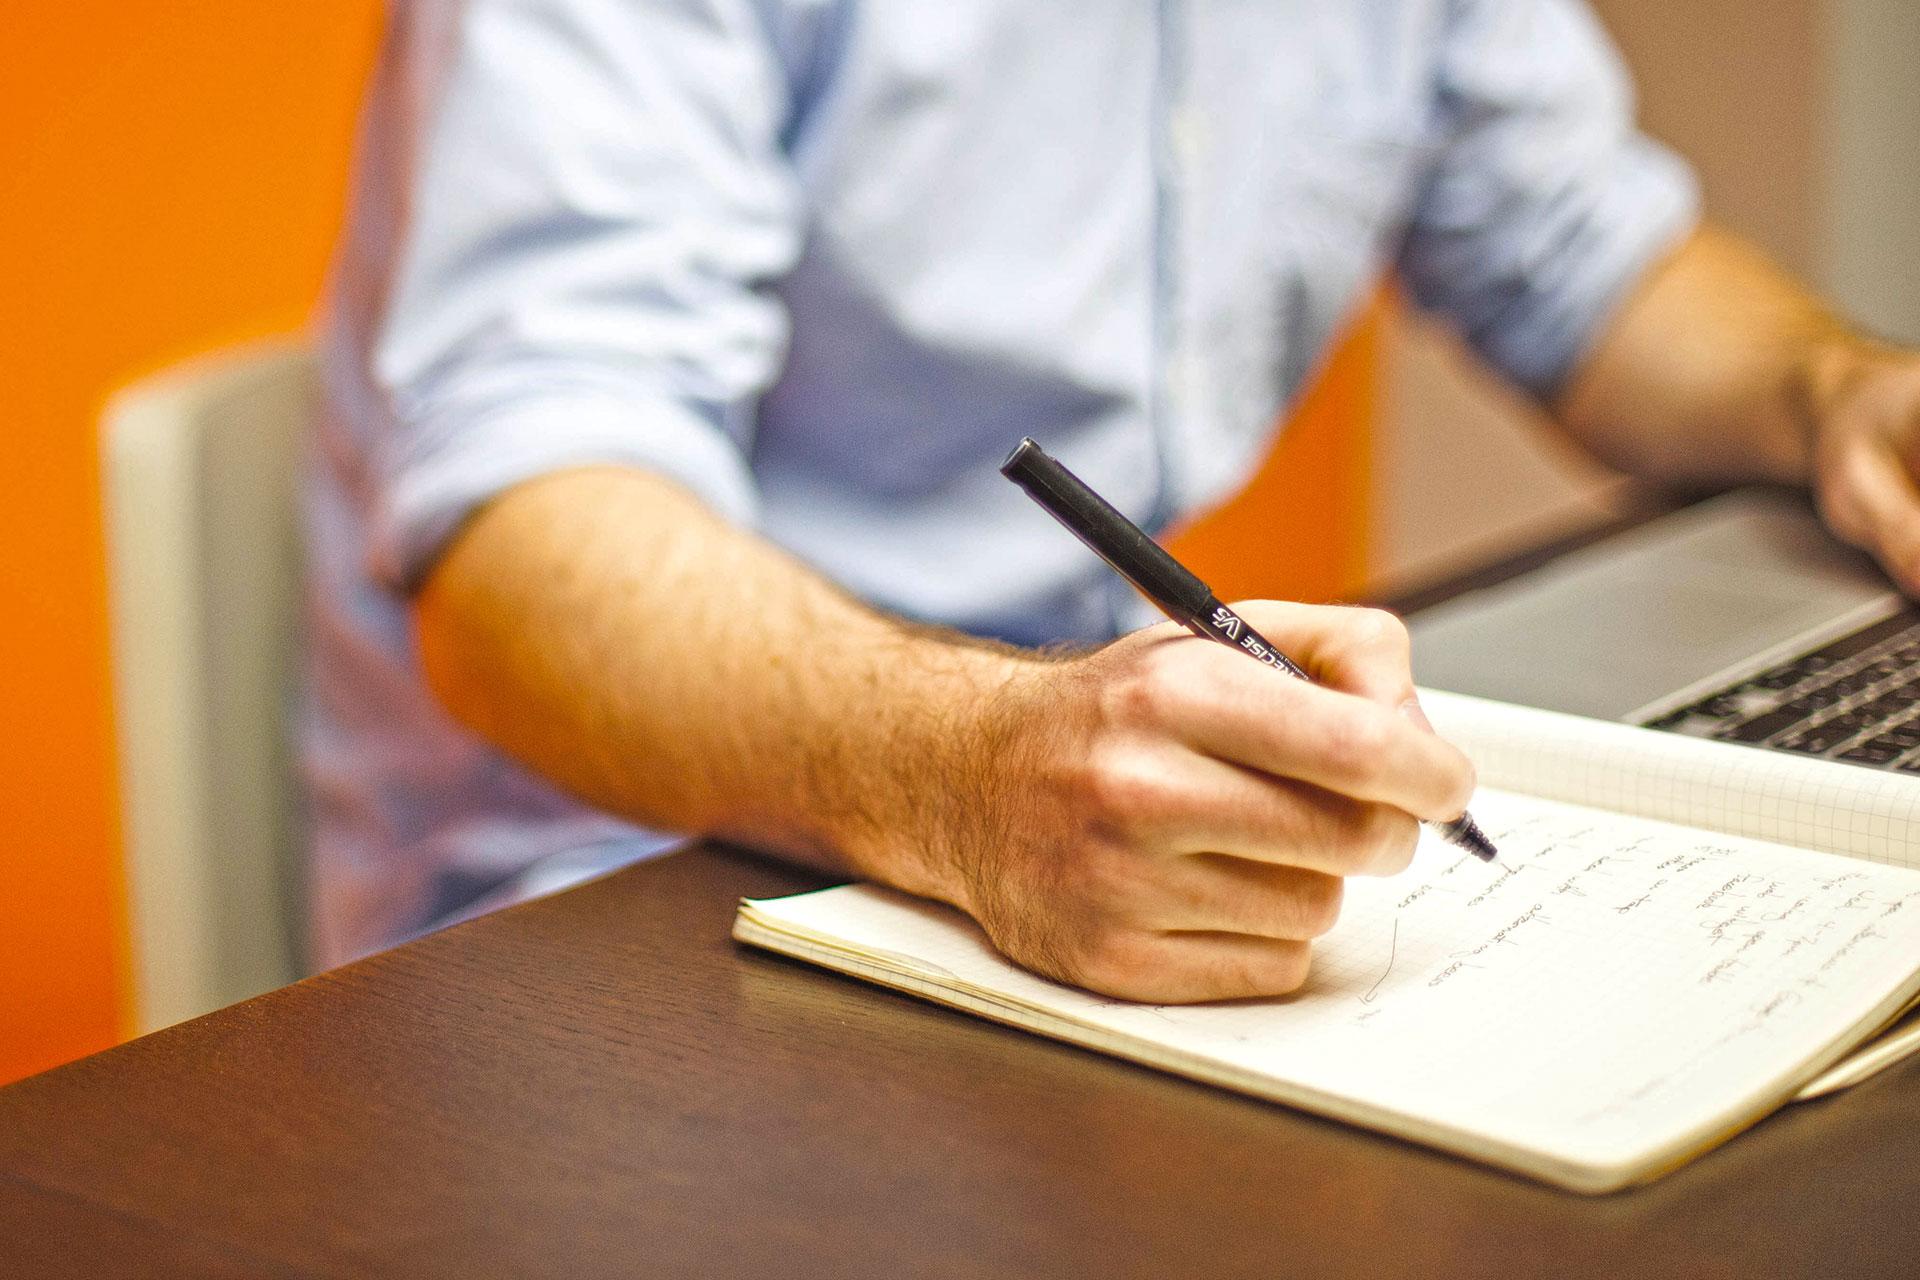 Mann macht sich handschriftliche Notizen in ein Heft